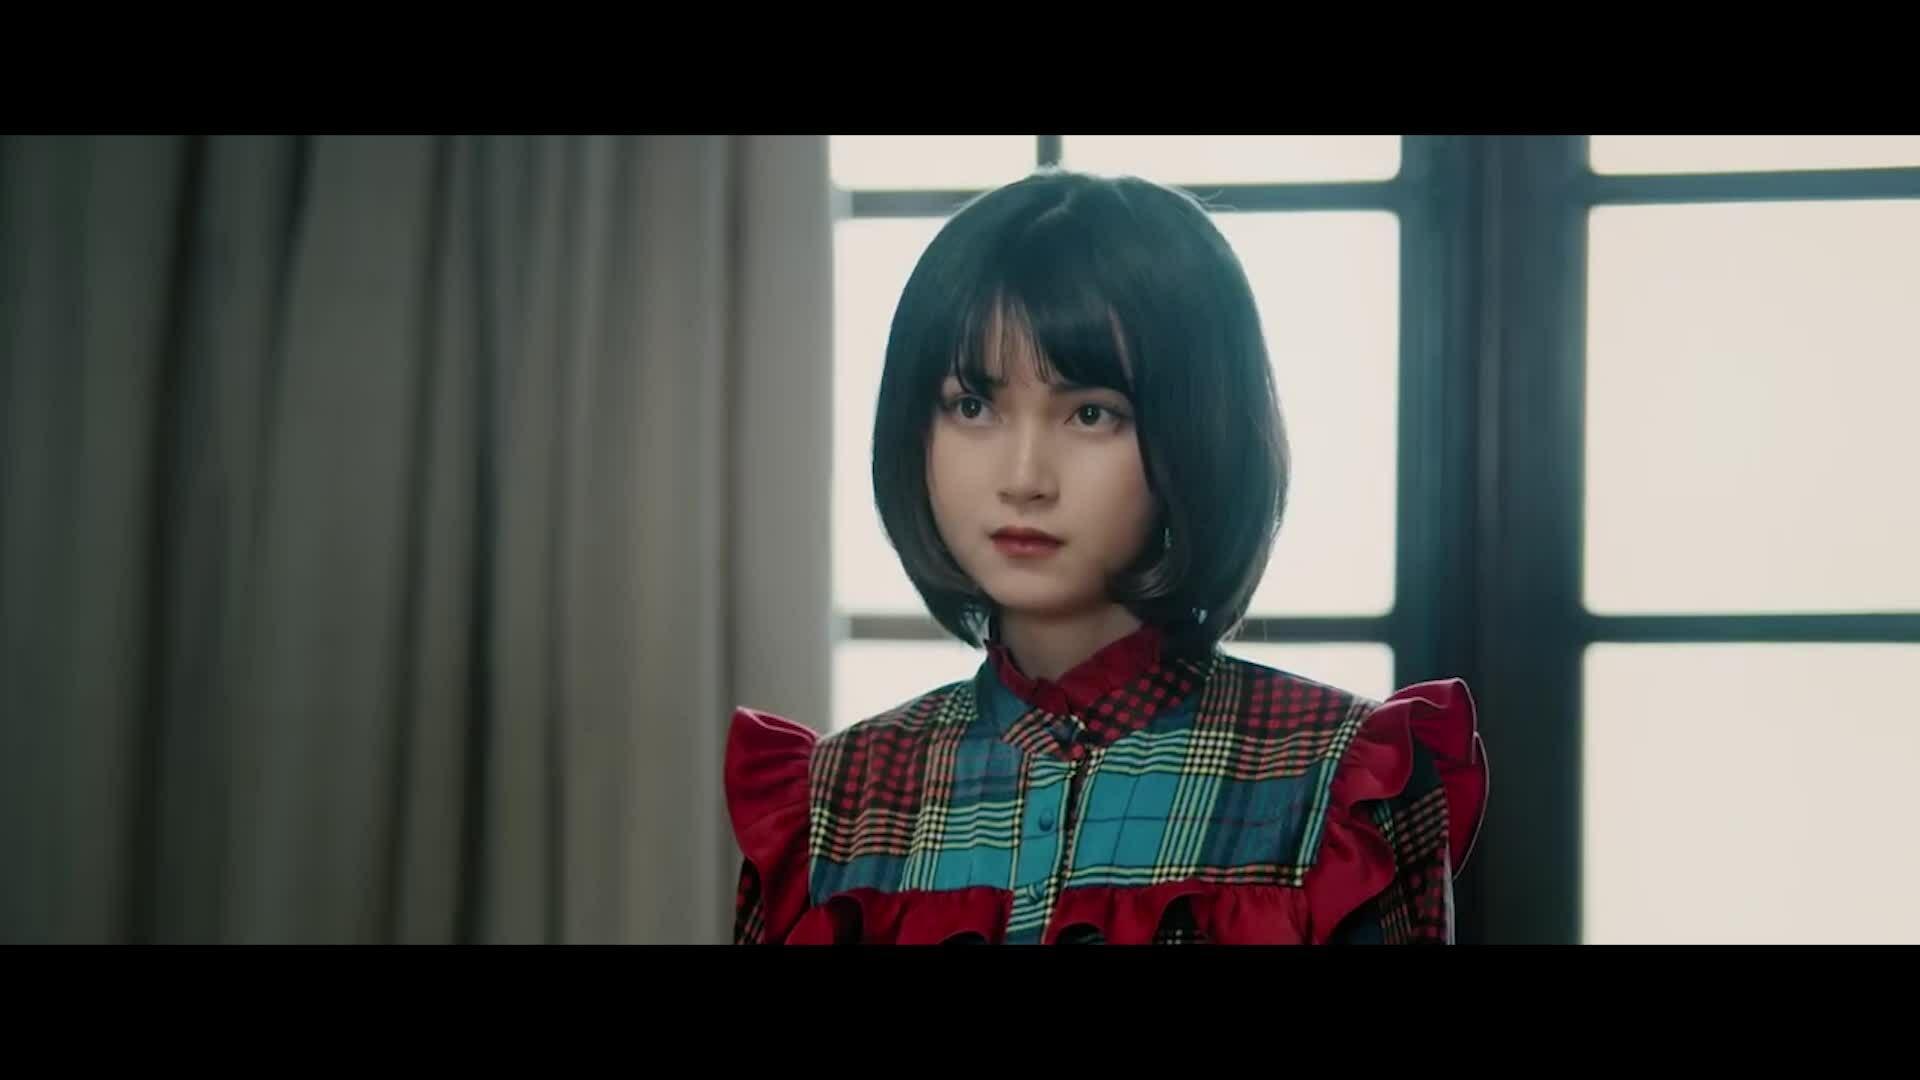 Dàn sao nữ trẻ đóng phim kinh dị Cậu chủ ma cà rồng